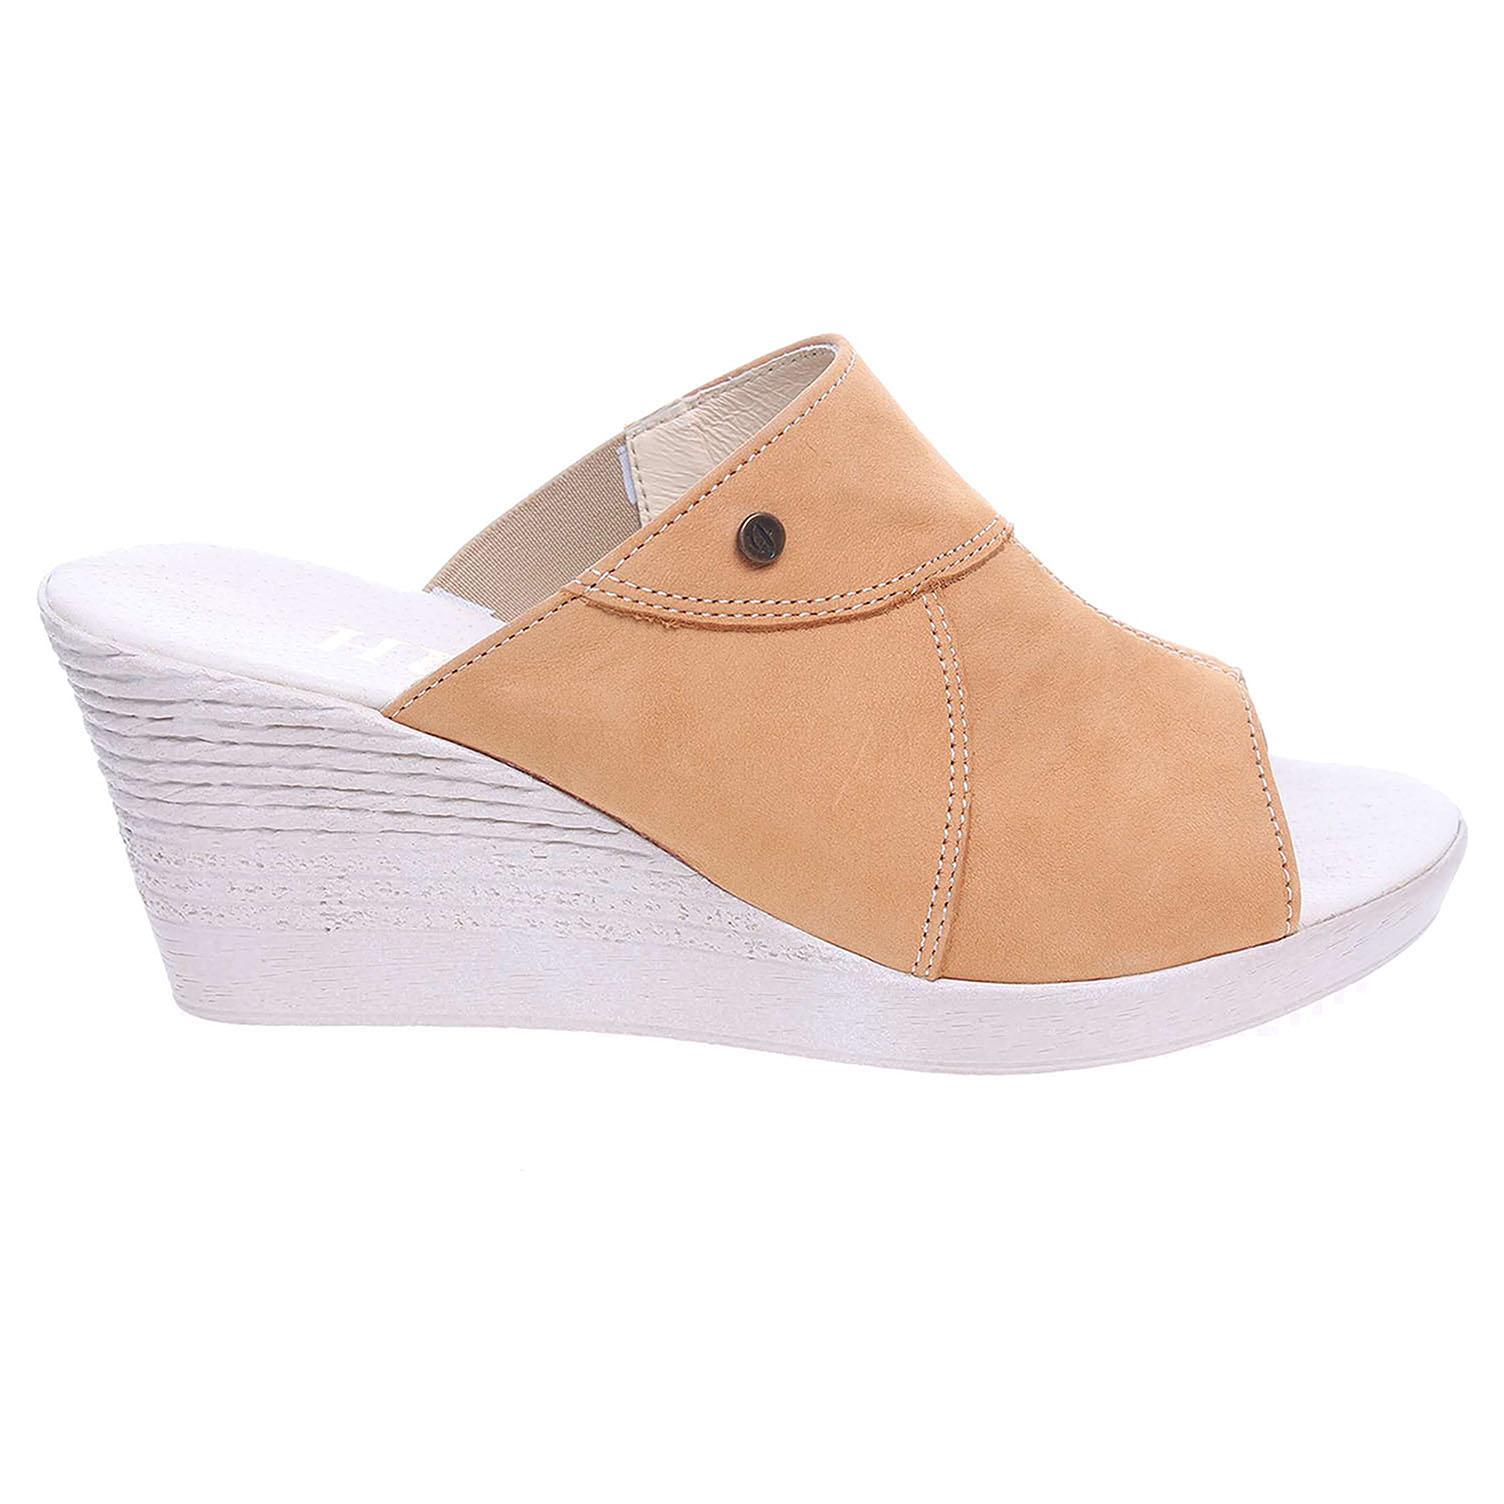 Ecco Dámské pantofle J3440 žluté 23600742